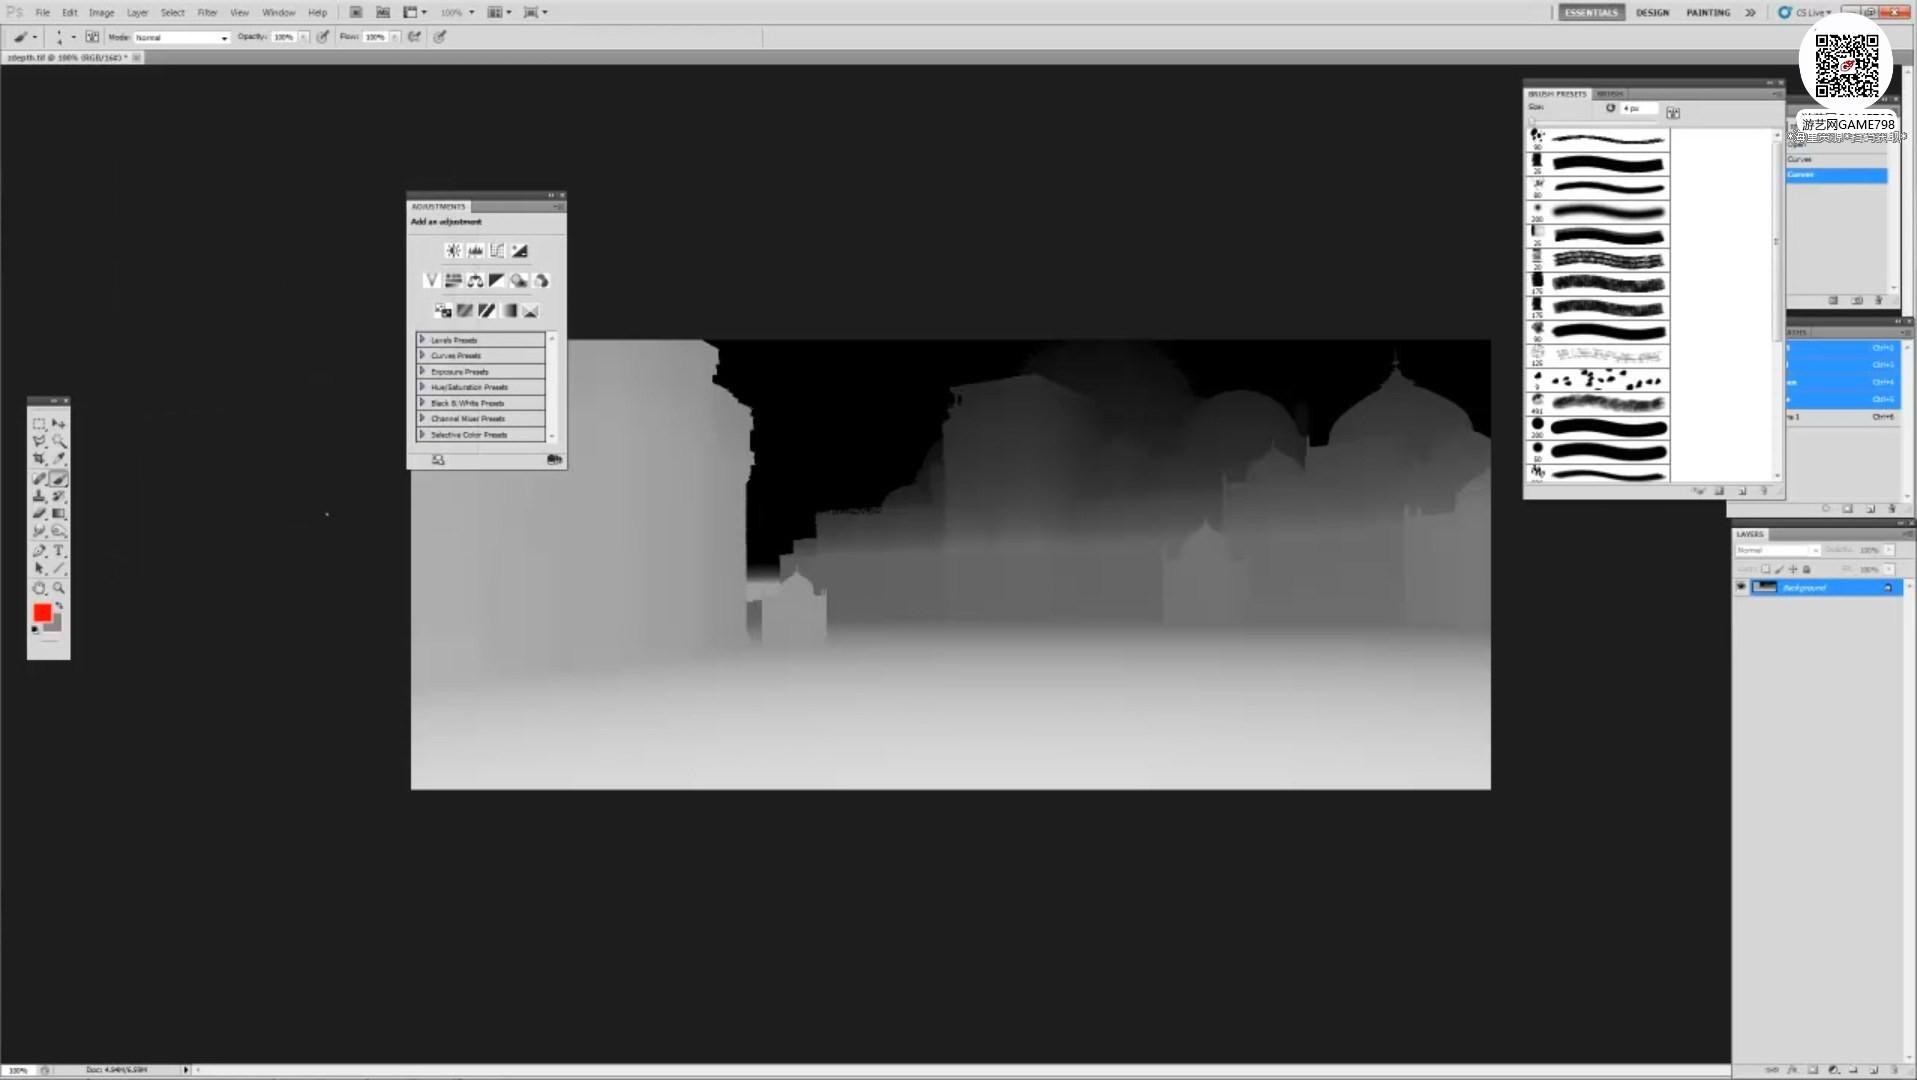 018_关注-游艺网GAME798海量资源下载【视频教程】超写实场景设定制作流程.jpg